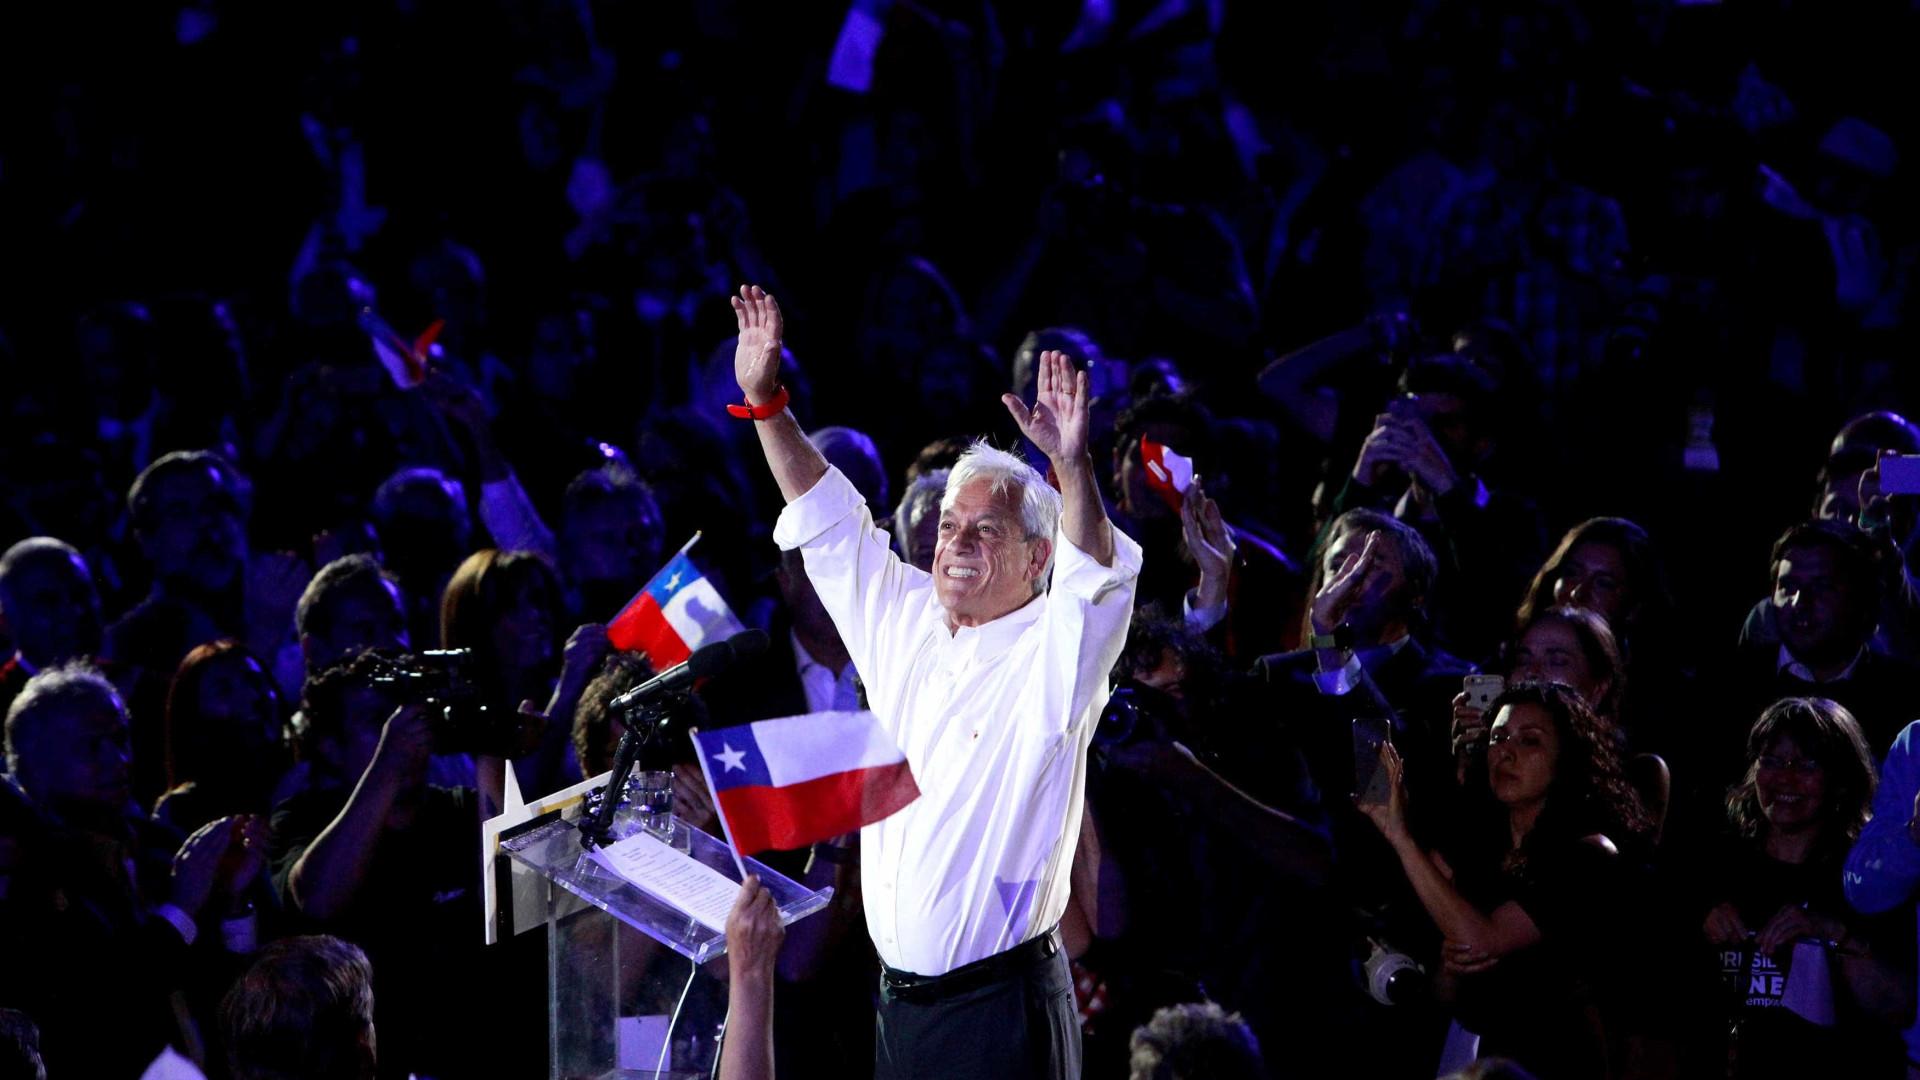 Com esquerda dividida, Piñera é favorito no Chile